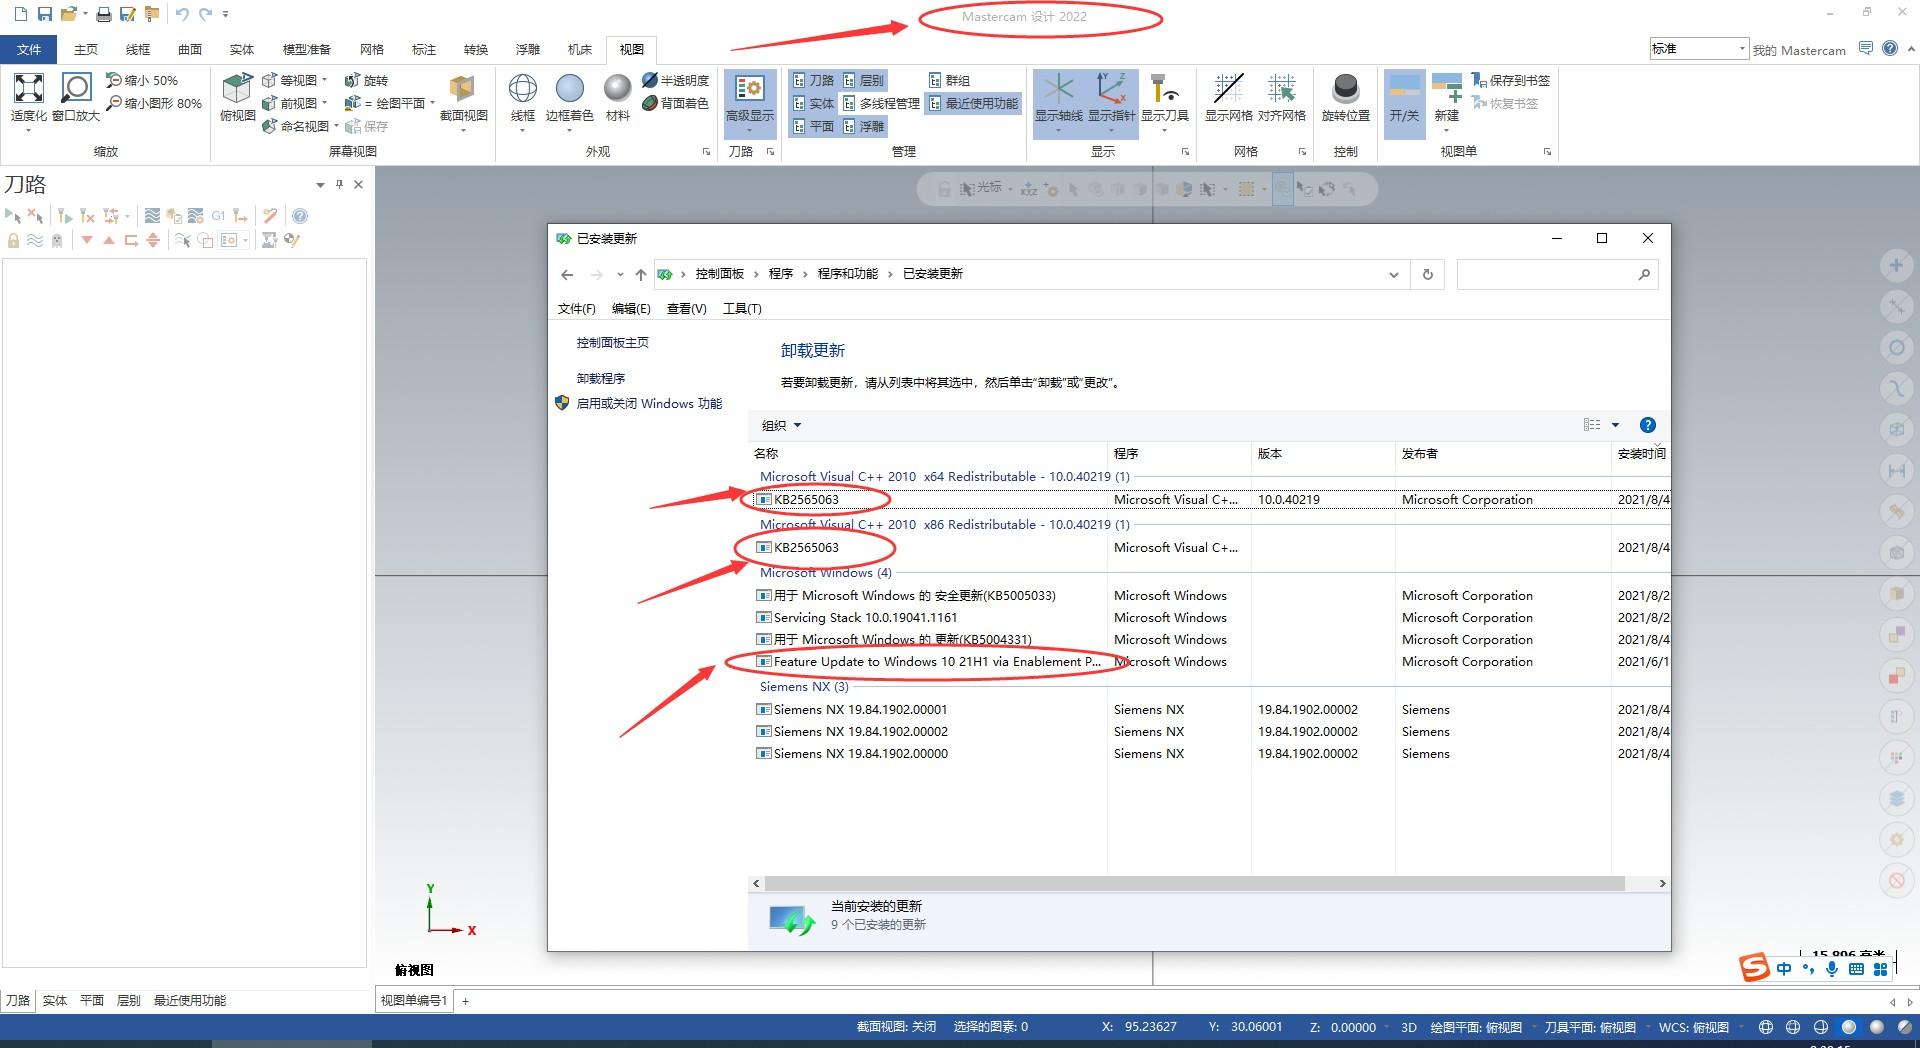 attachments-2021-08-JboY8TgG6129c17d83233.png